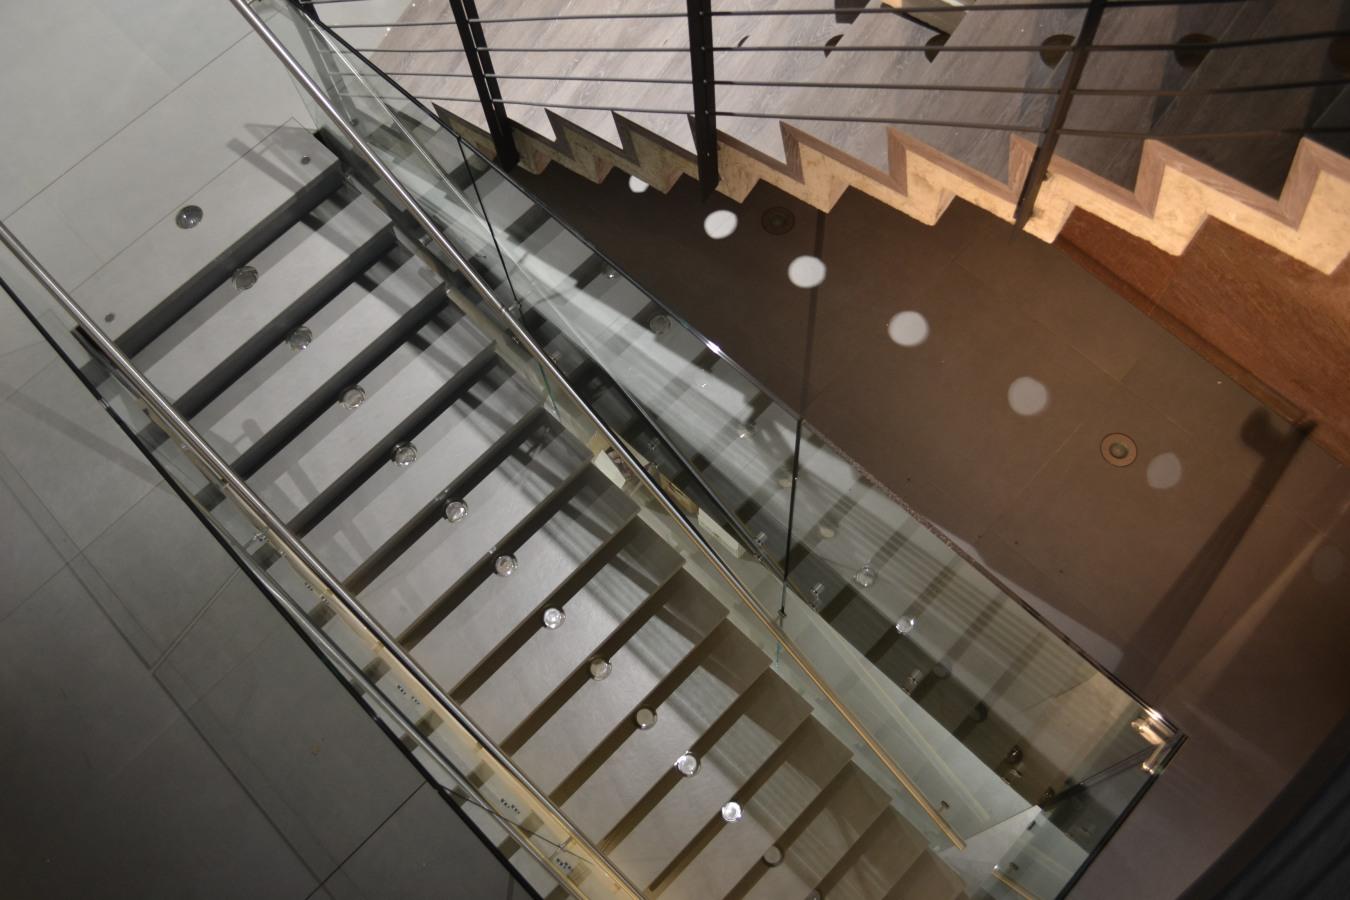 Studio Sokolovská v Praze změněno na Centrum Křižíkova slide 4